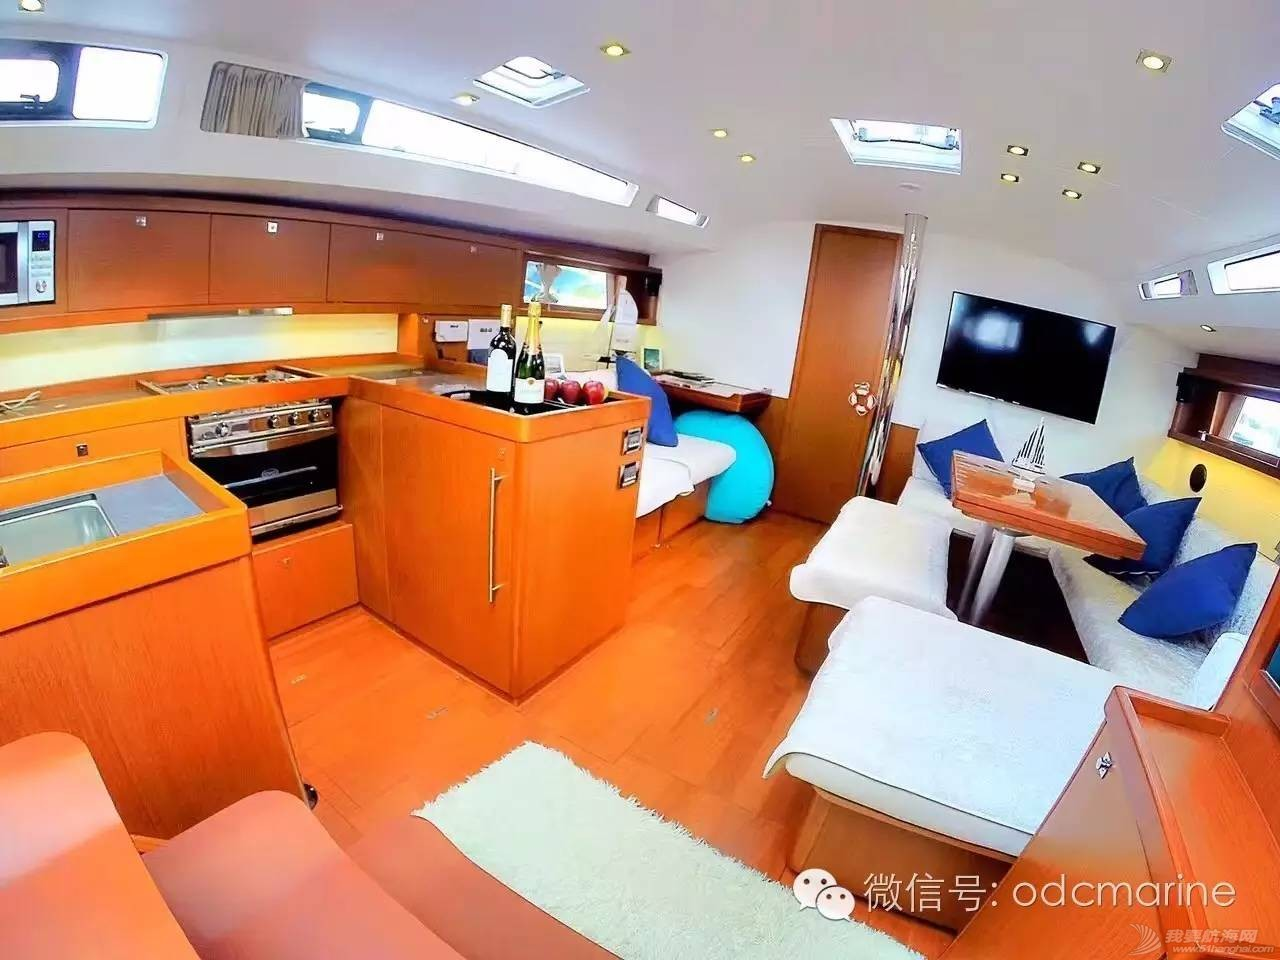 拉力赛 Sailing lifestyle丨这样的拉力赛很精彩 5d30866c8d62af77d8cf0bcd1b713bf6.jpg